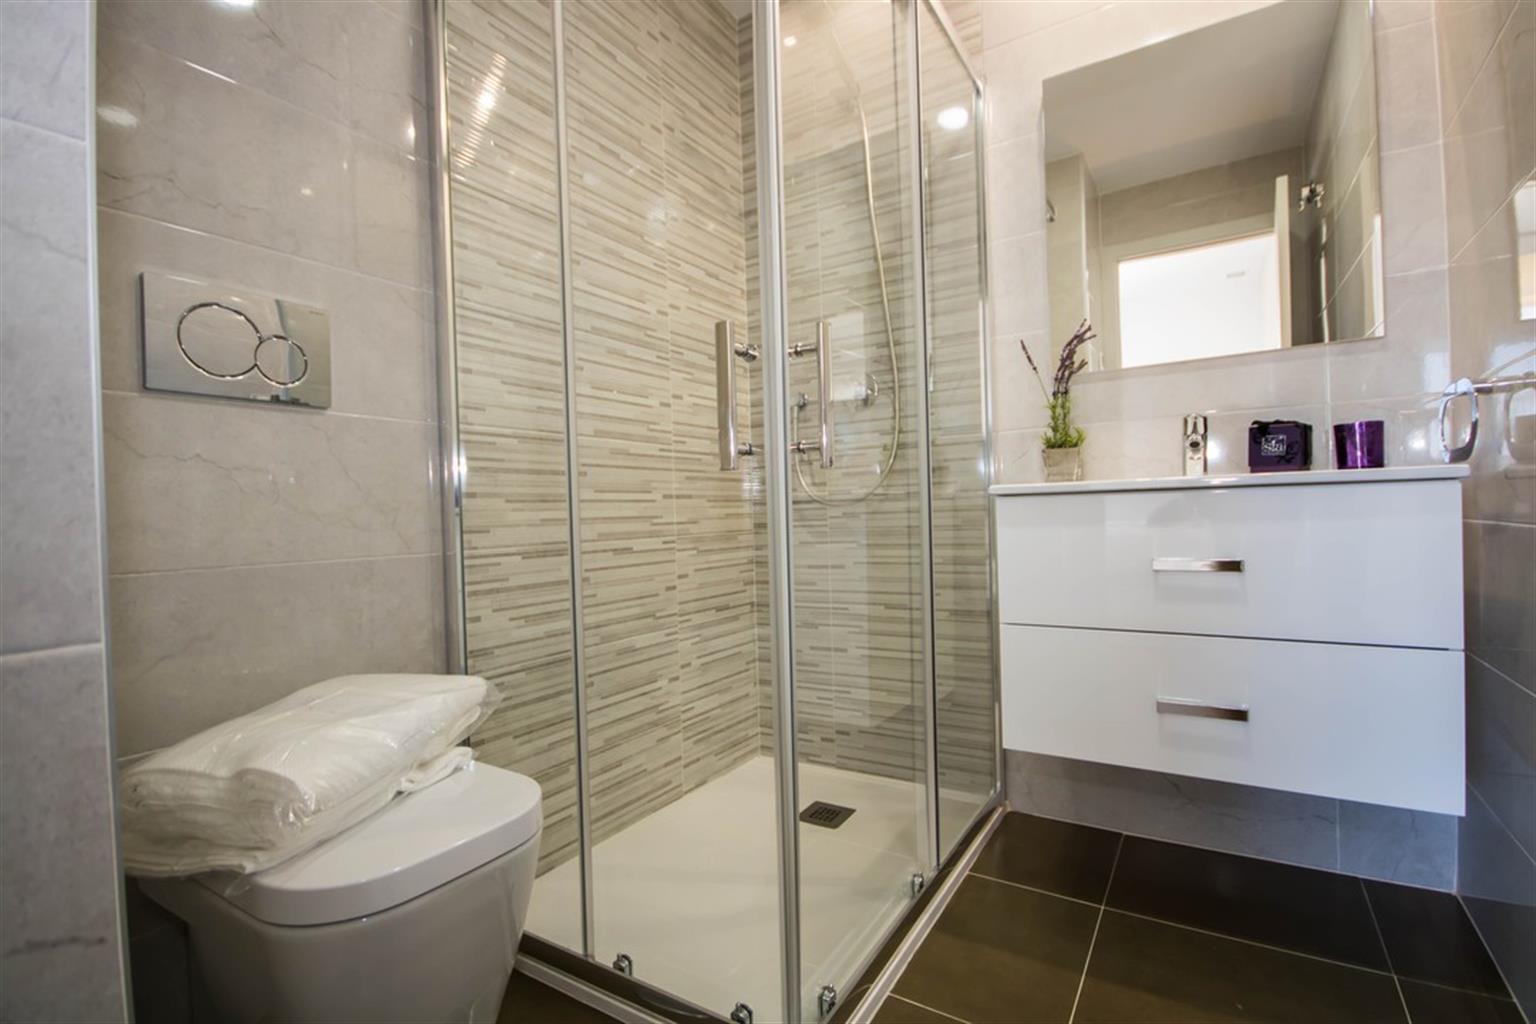 Appartement - Orihuela Costa - #4228409-18